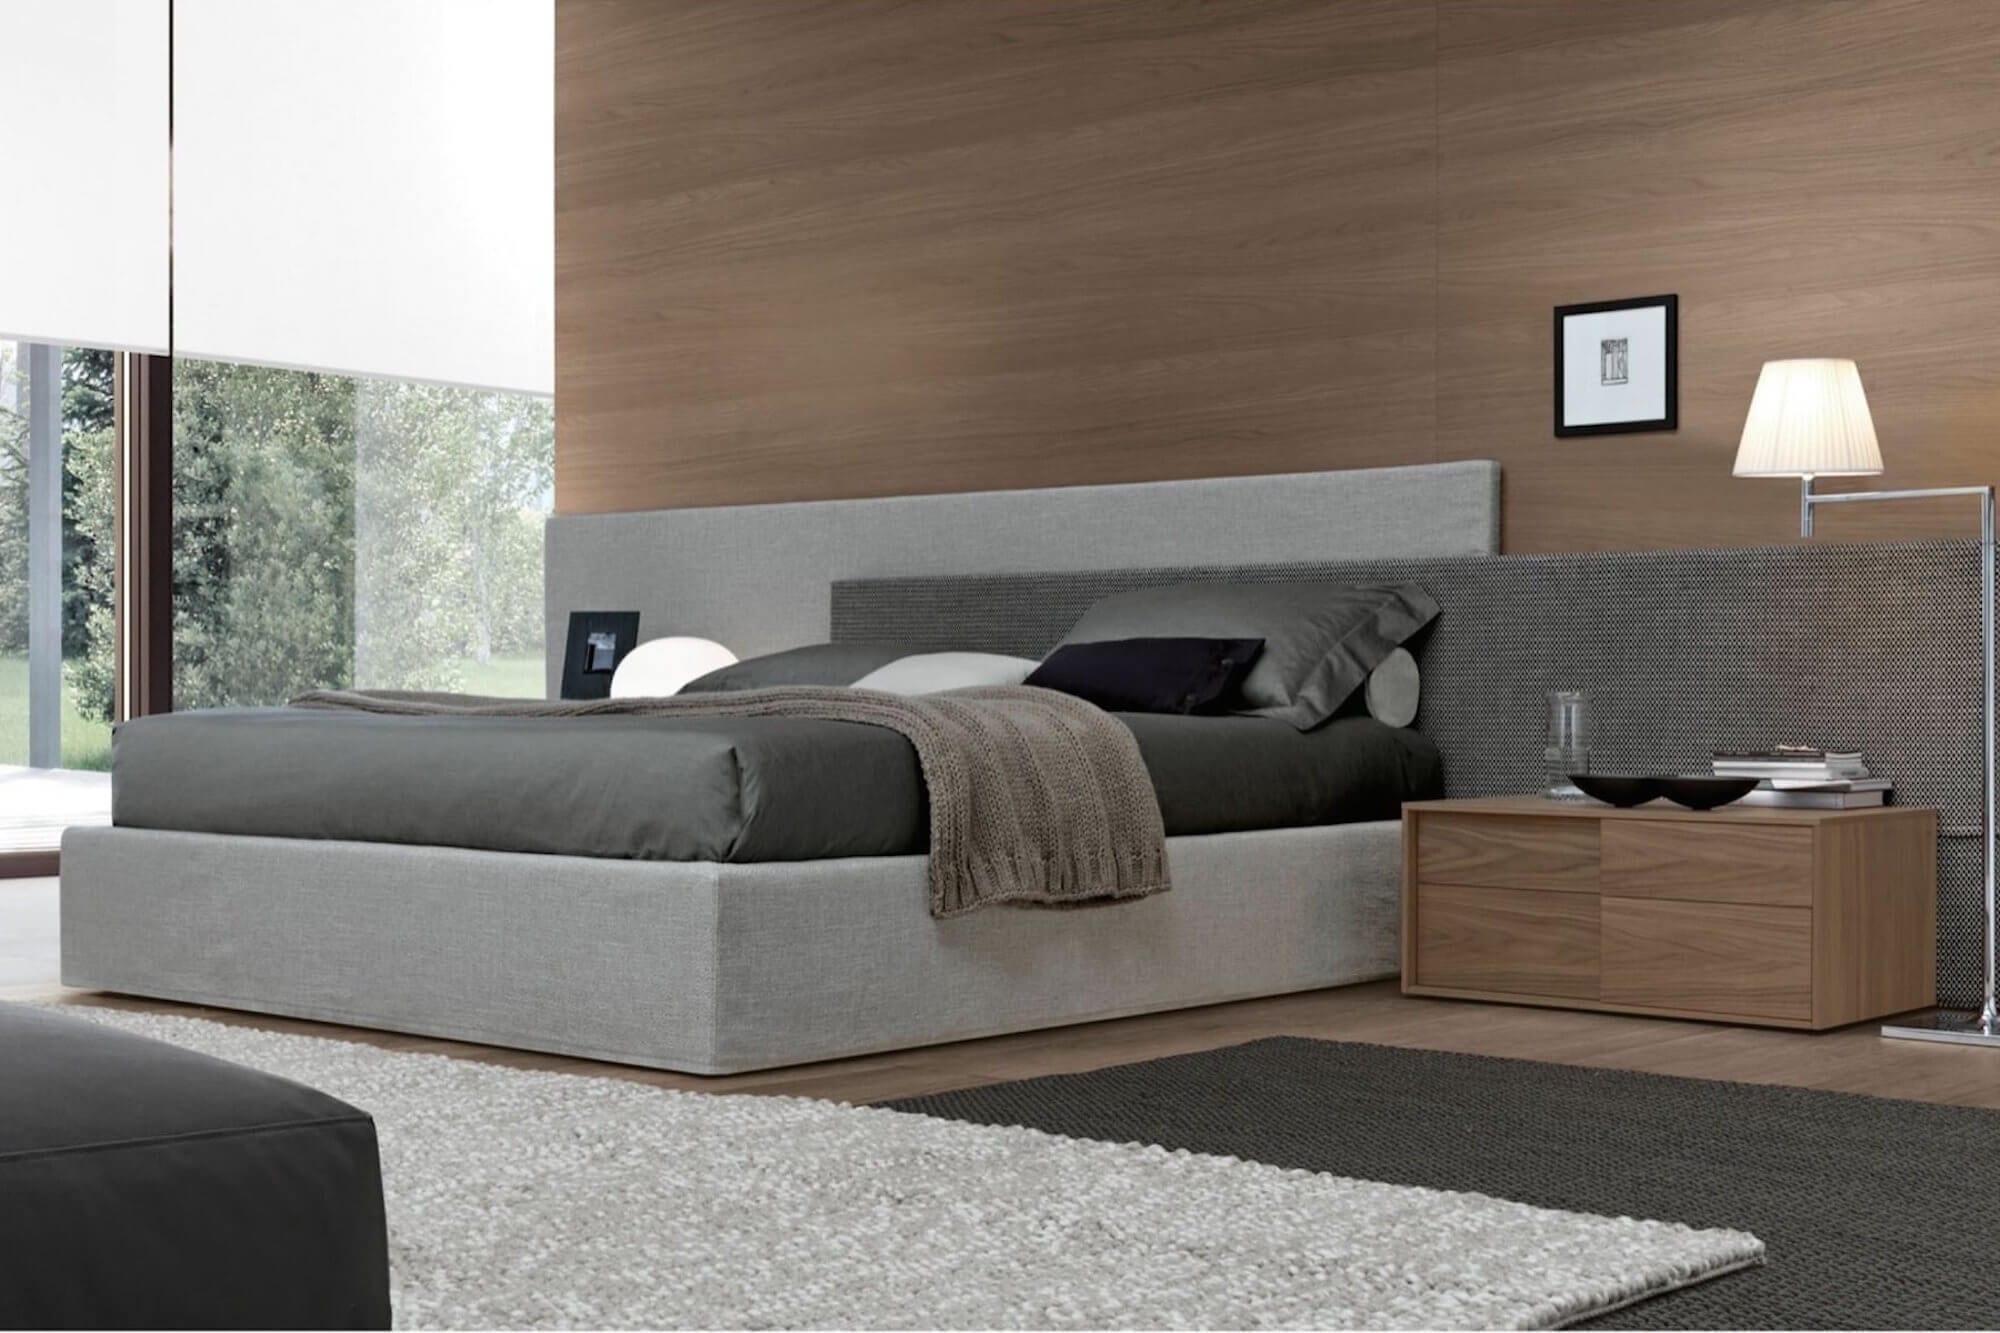 Design bed op maat in grote slaapkamer